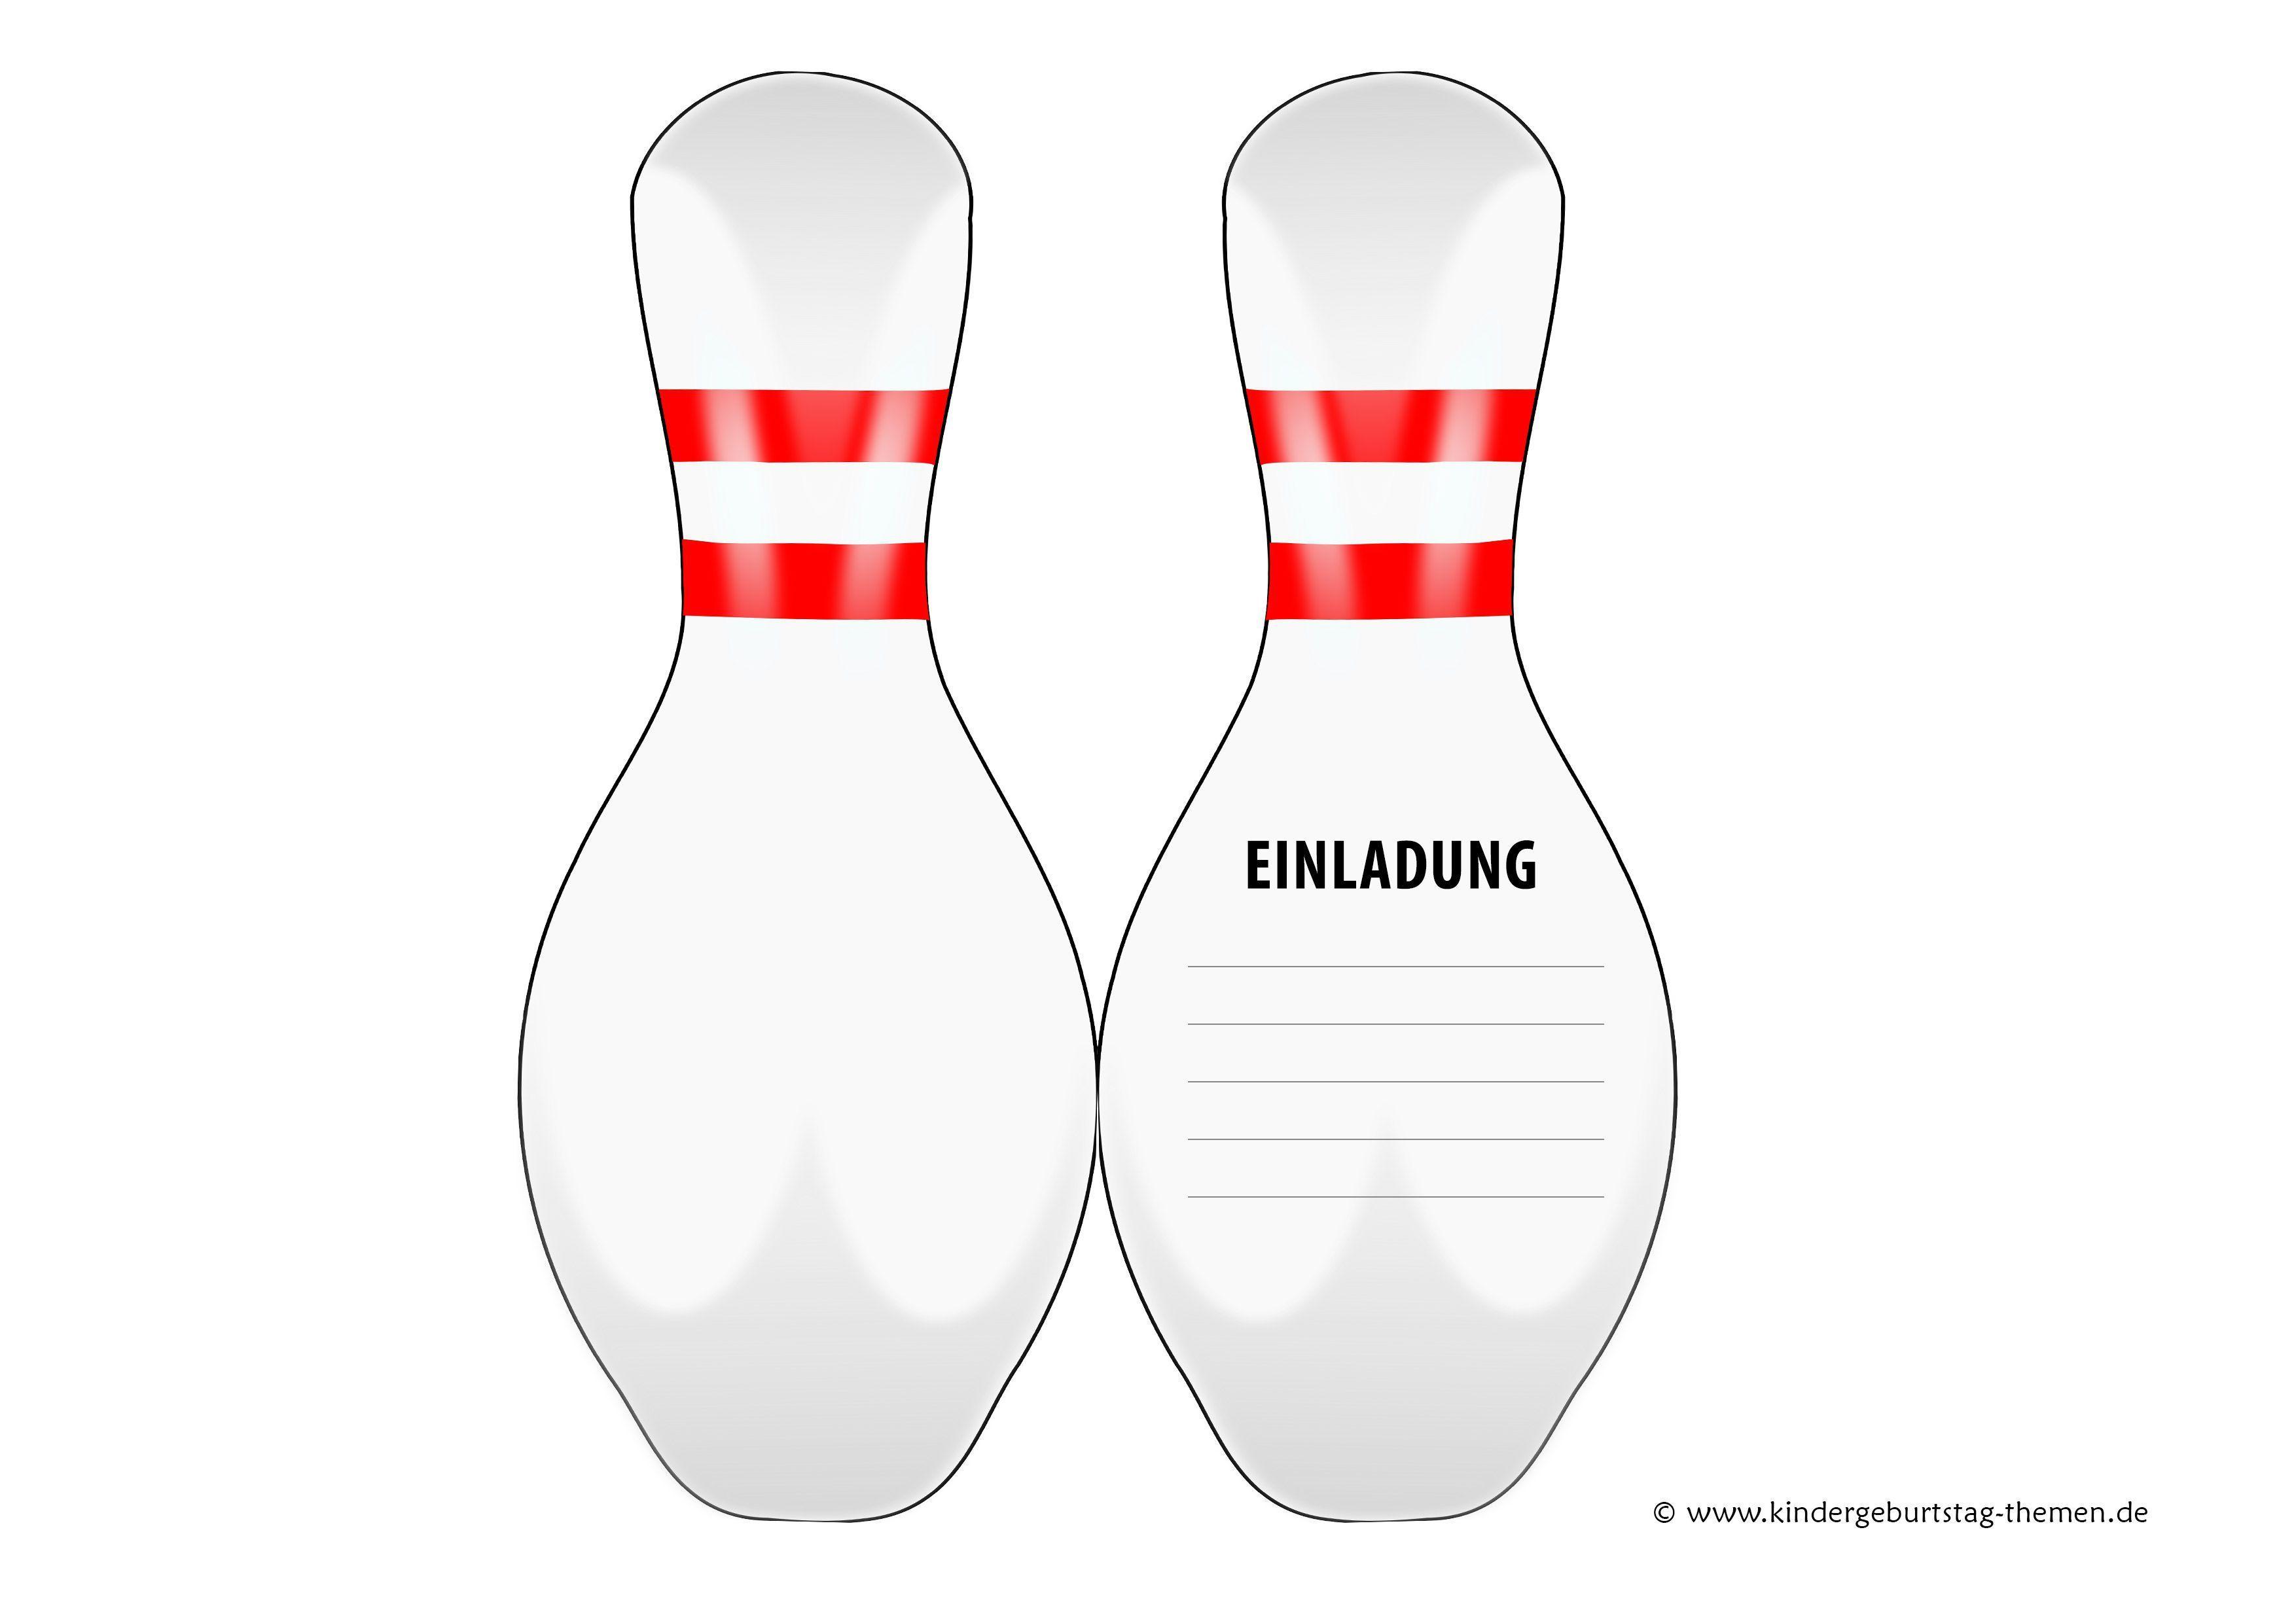 Einladung Zum Kindergeburtstag Bowlingkindergeburtstag Einlad Einladungskarten Kindergeburtstag Einladung Kindergeburtstag Kostenlos Einladung Kindergeburtstag